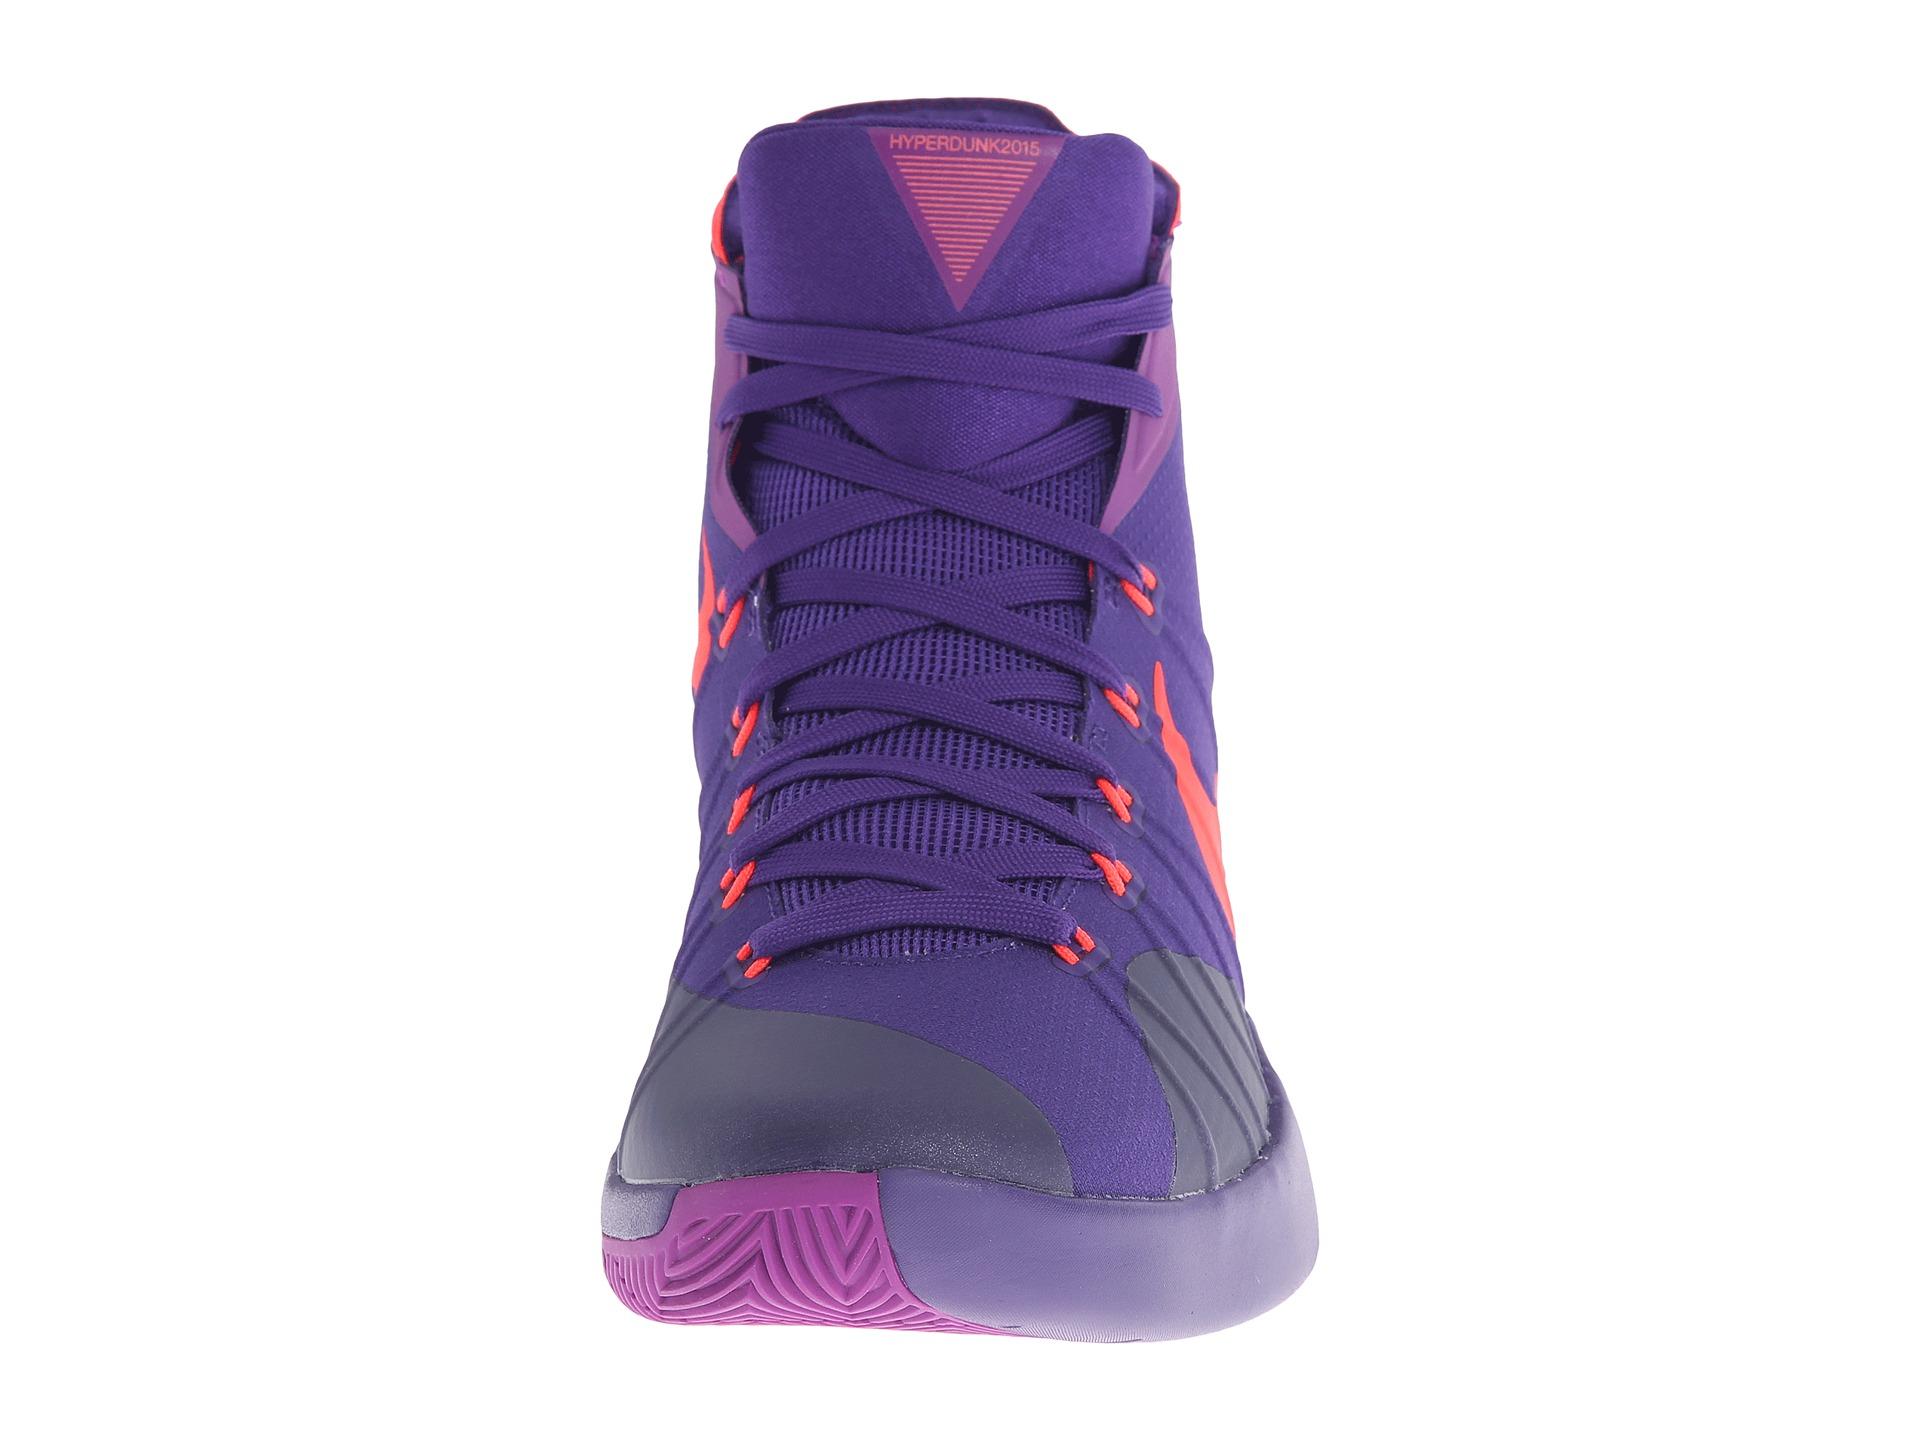 low cost 17eef 49474 ... usa lyst nike hyperdunk 2015 in purple for men 537b6 f80ba